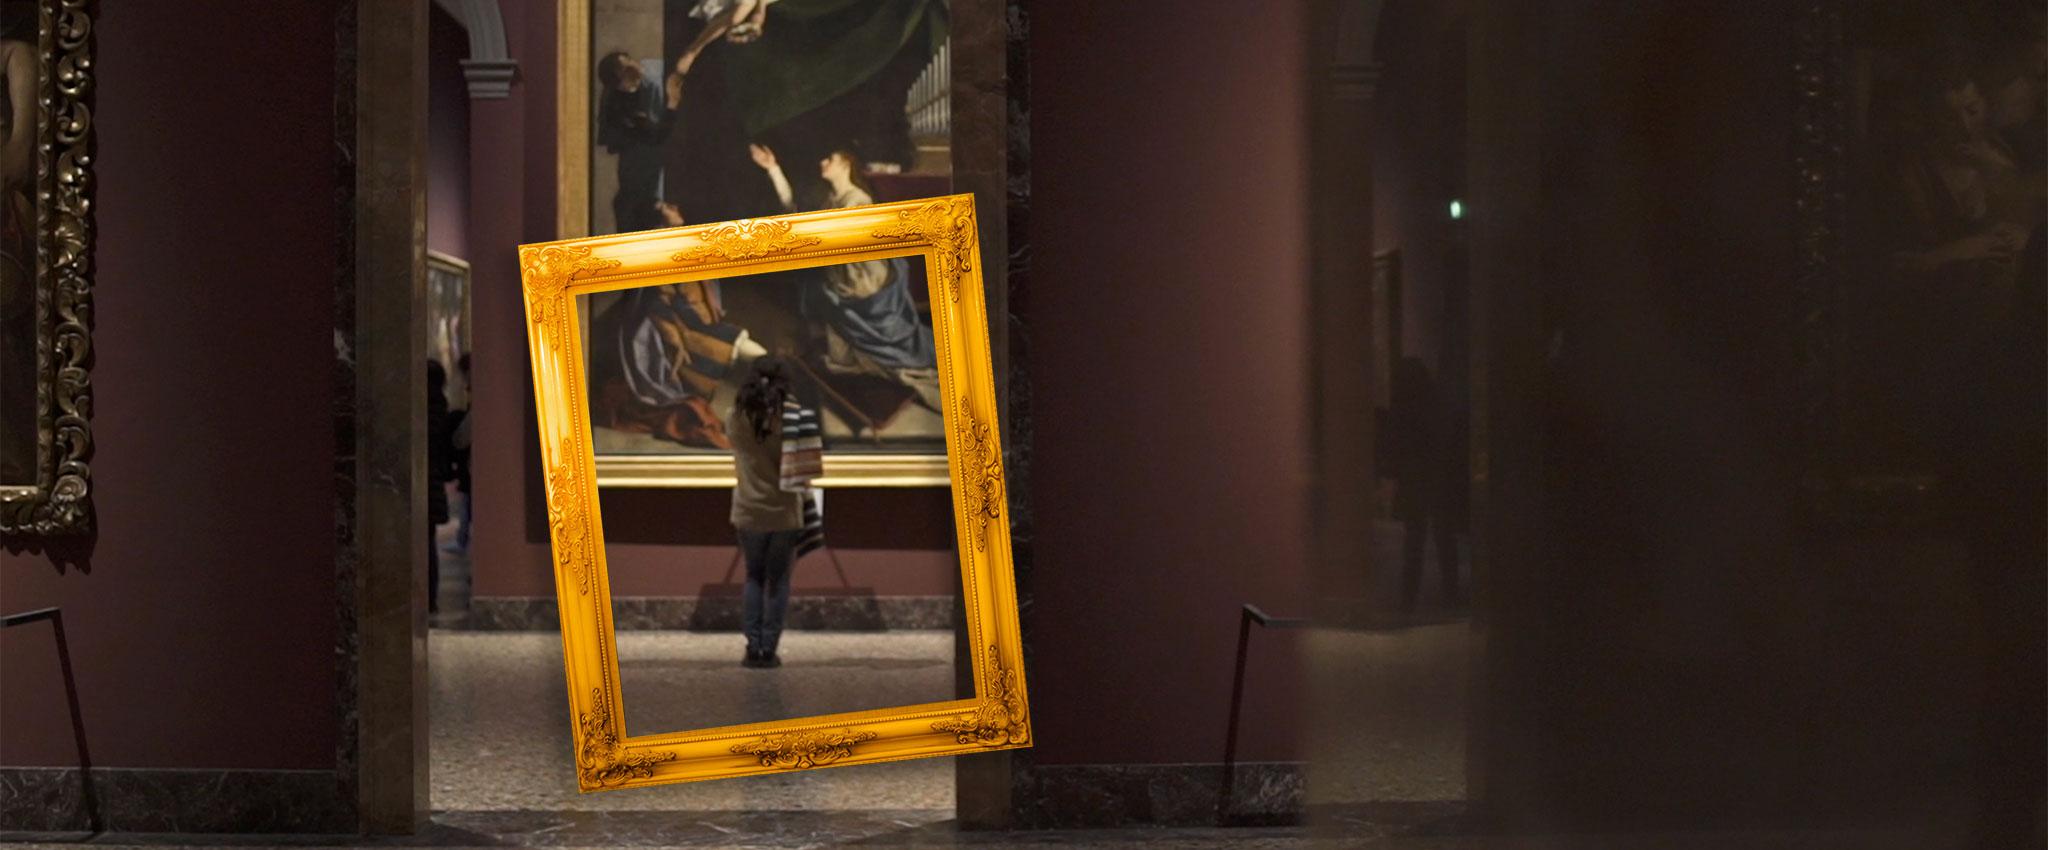 Benvenuti nel sito <br>della Pinacoteca <br>di Brera